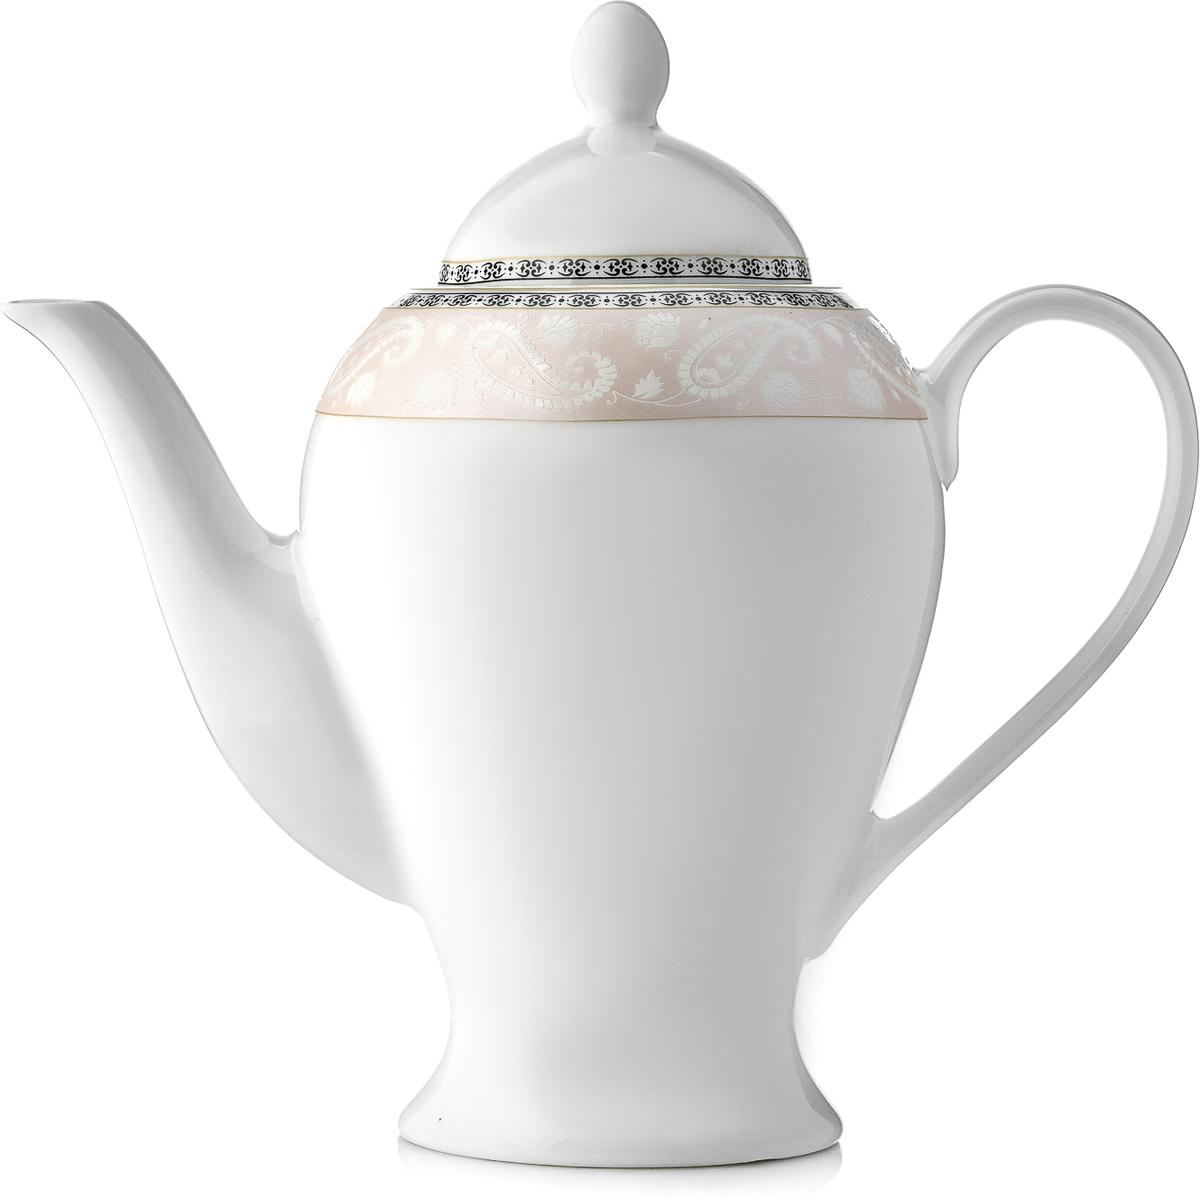 """Чайник заварочный Esprado """"Arista Rose"""" изготовлен из высококачественного костяного  фарфора с глазурованным покрытием, которое обеспечивает легкую очистку. Изделие прекрасно  подходит для заваривания вкусного и ароматного чая, а также травяных настоев. Оригинальный  дизайн сделает чайник настоящим украшением стола. Он удобен в использовании и понравится  каждому."""